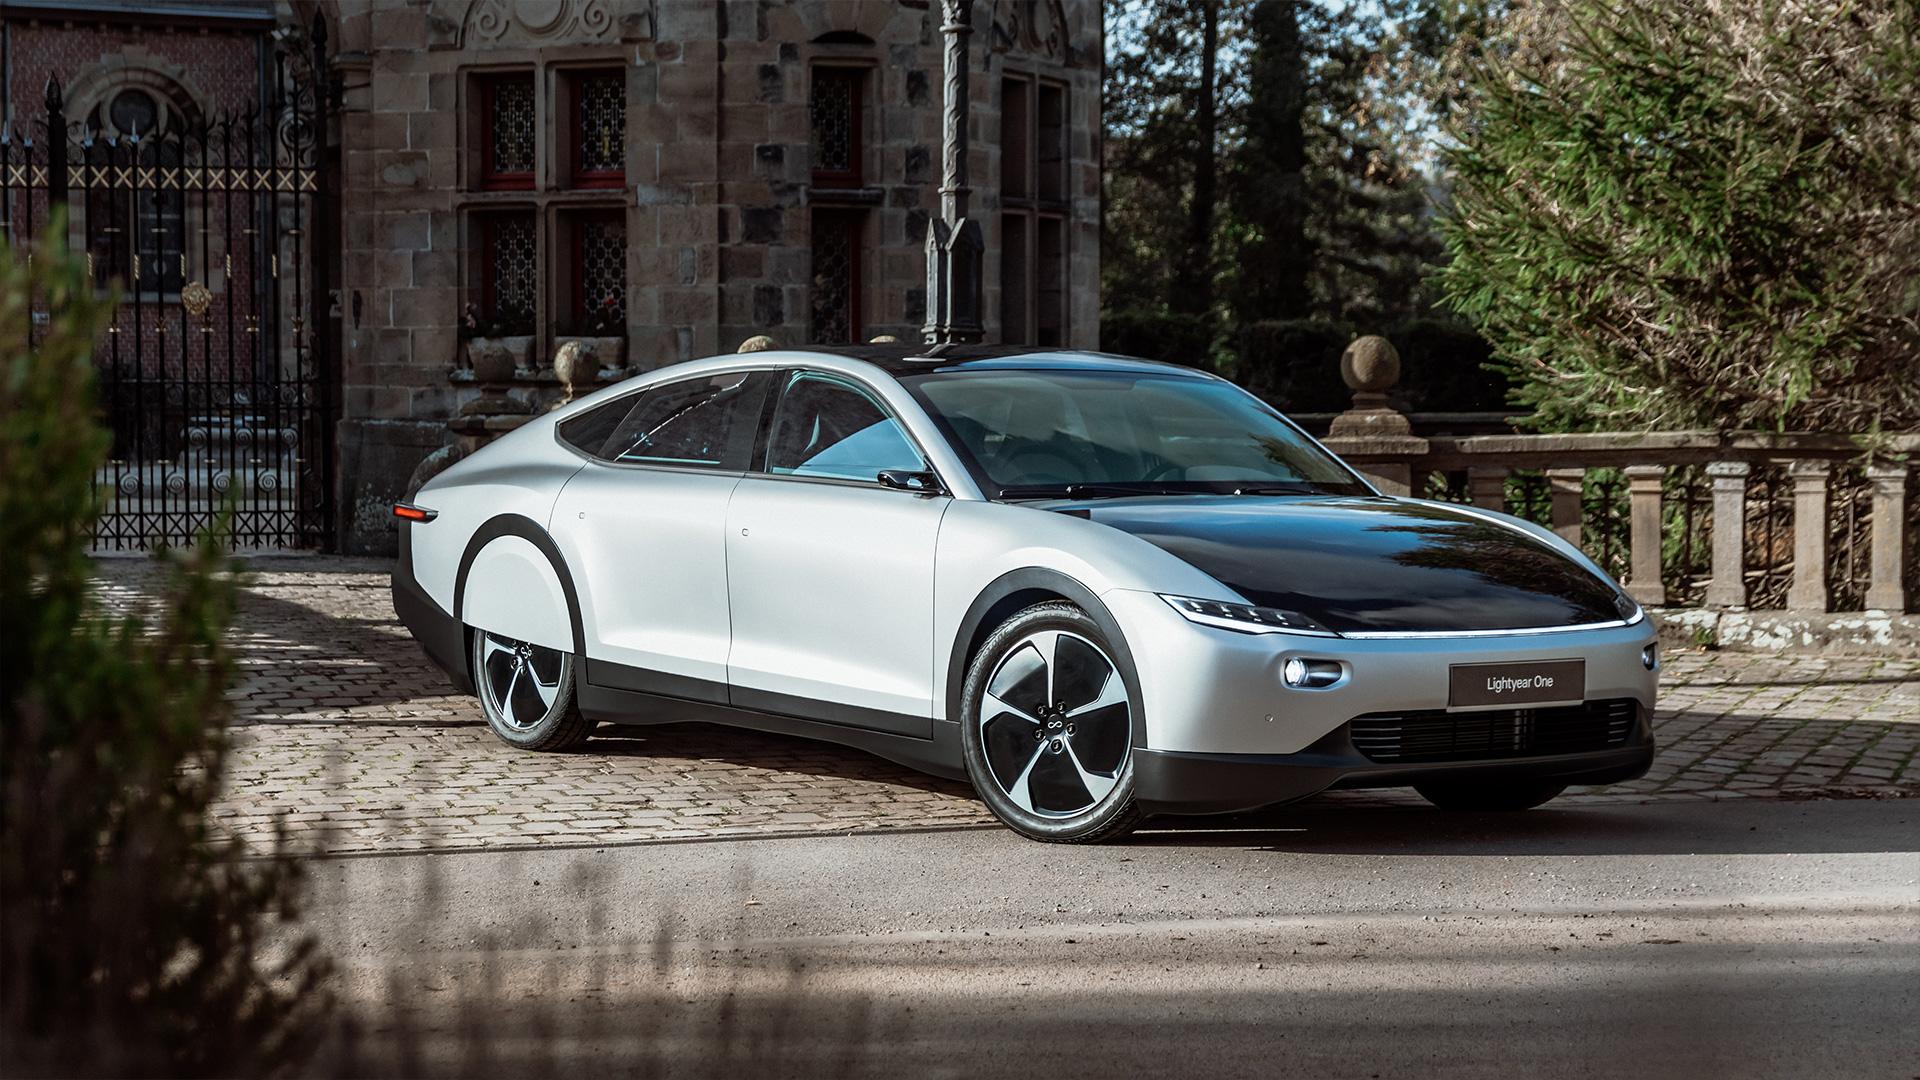 Bridgestone e Lightyear per la prima auto elettrica solare a lungo raggio